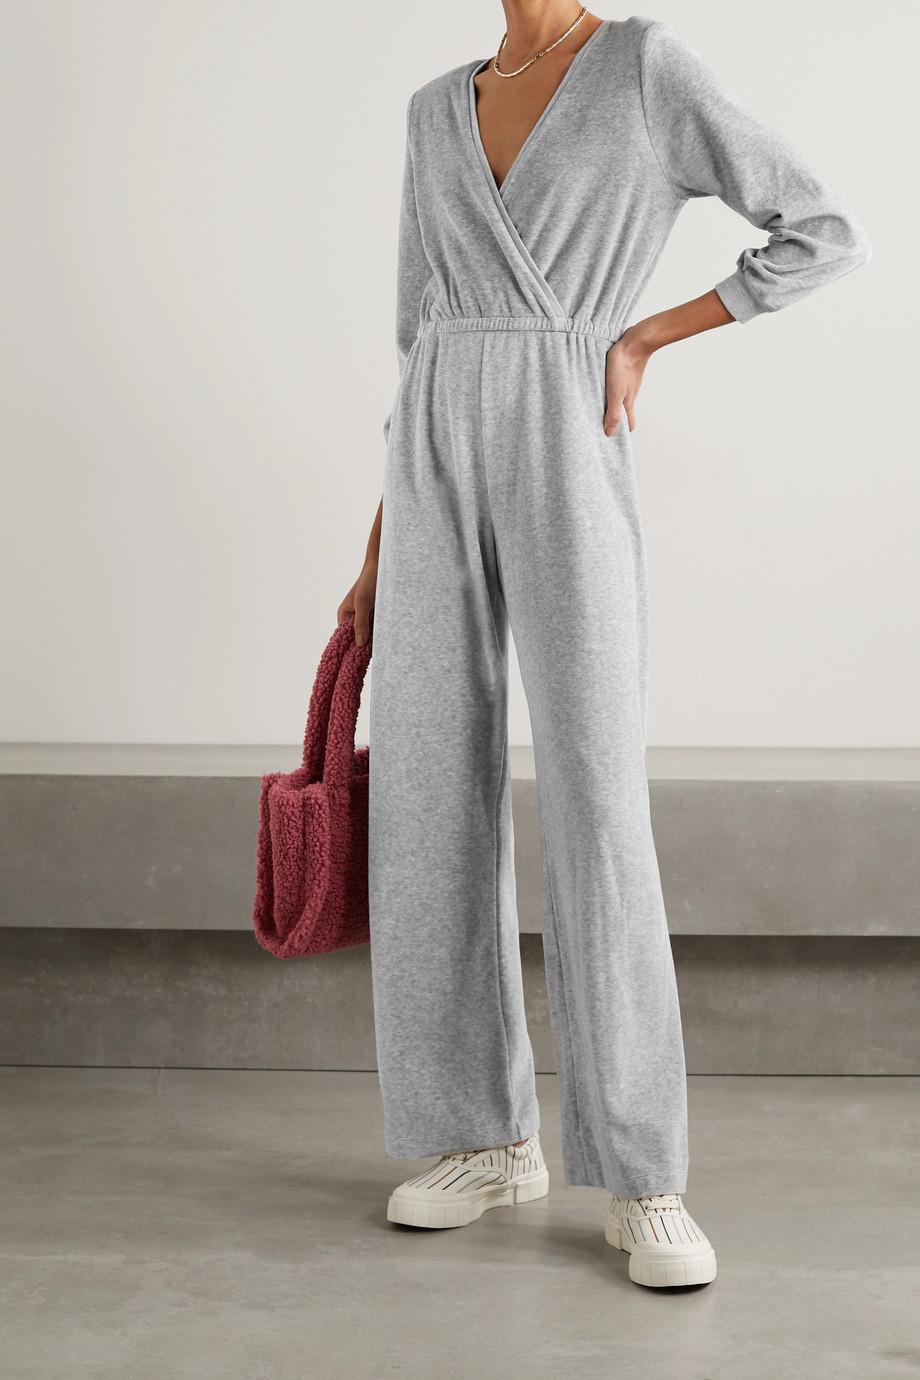 Suzie Kondi Jumpsuit aus Velours aus einer Baumwollmischung mit Wickeleffekt